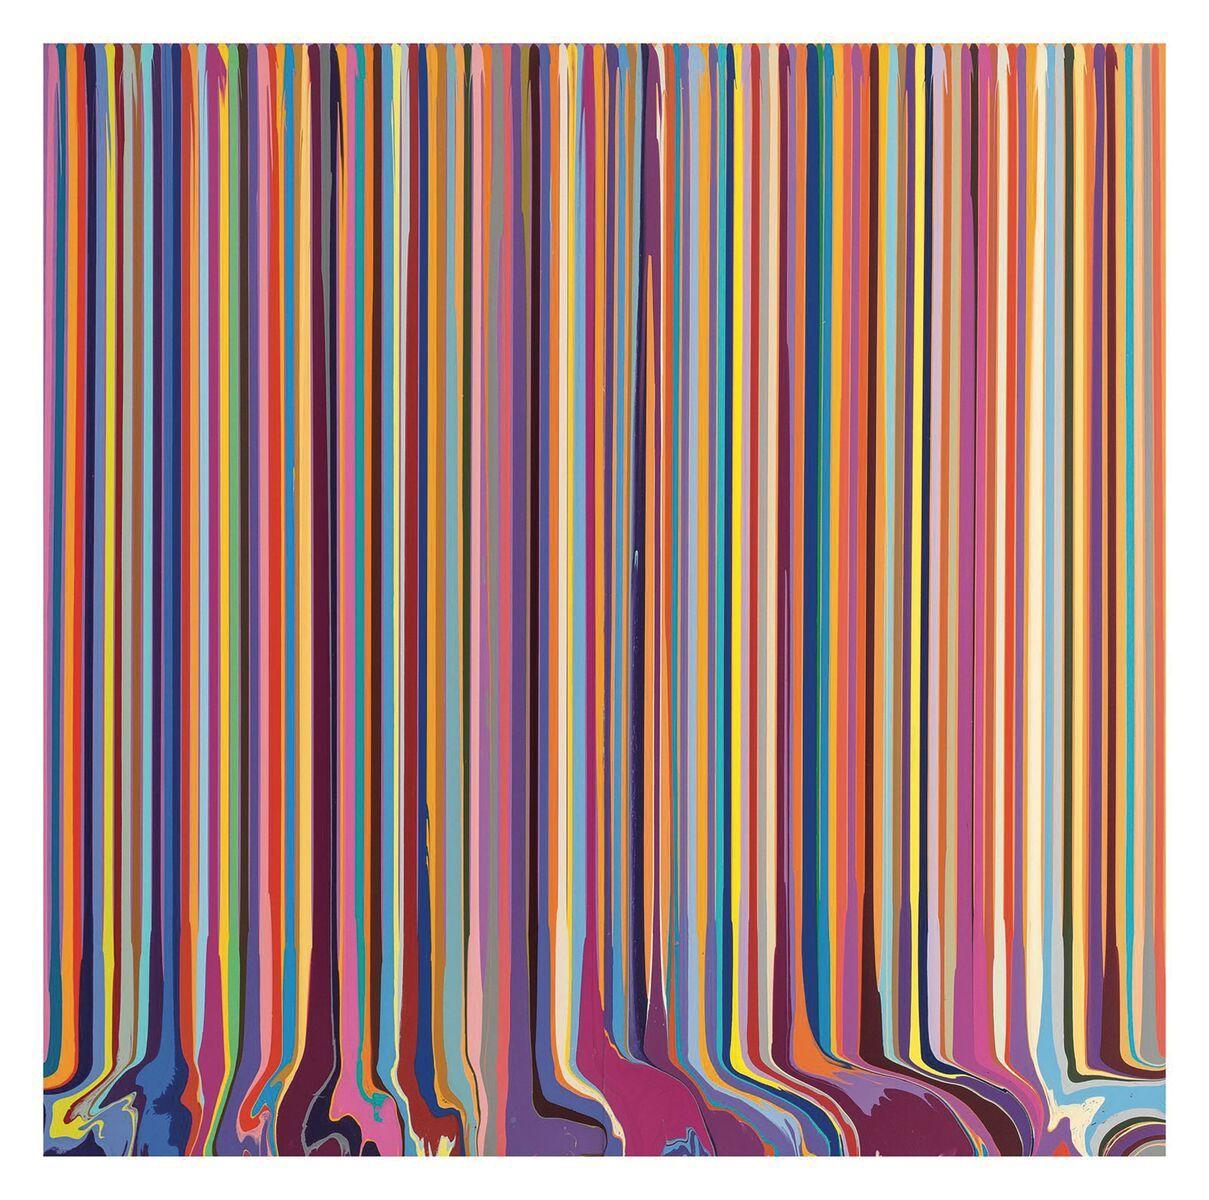 Asta 47 – Arte moderna e contemporanea, Roma Lotto 387 Ian Davenport After Bonnard, 2012 Acrilico su acciaio inox Venduto a € 100.000